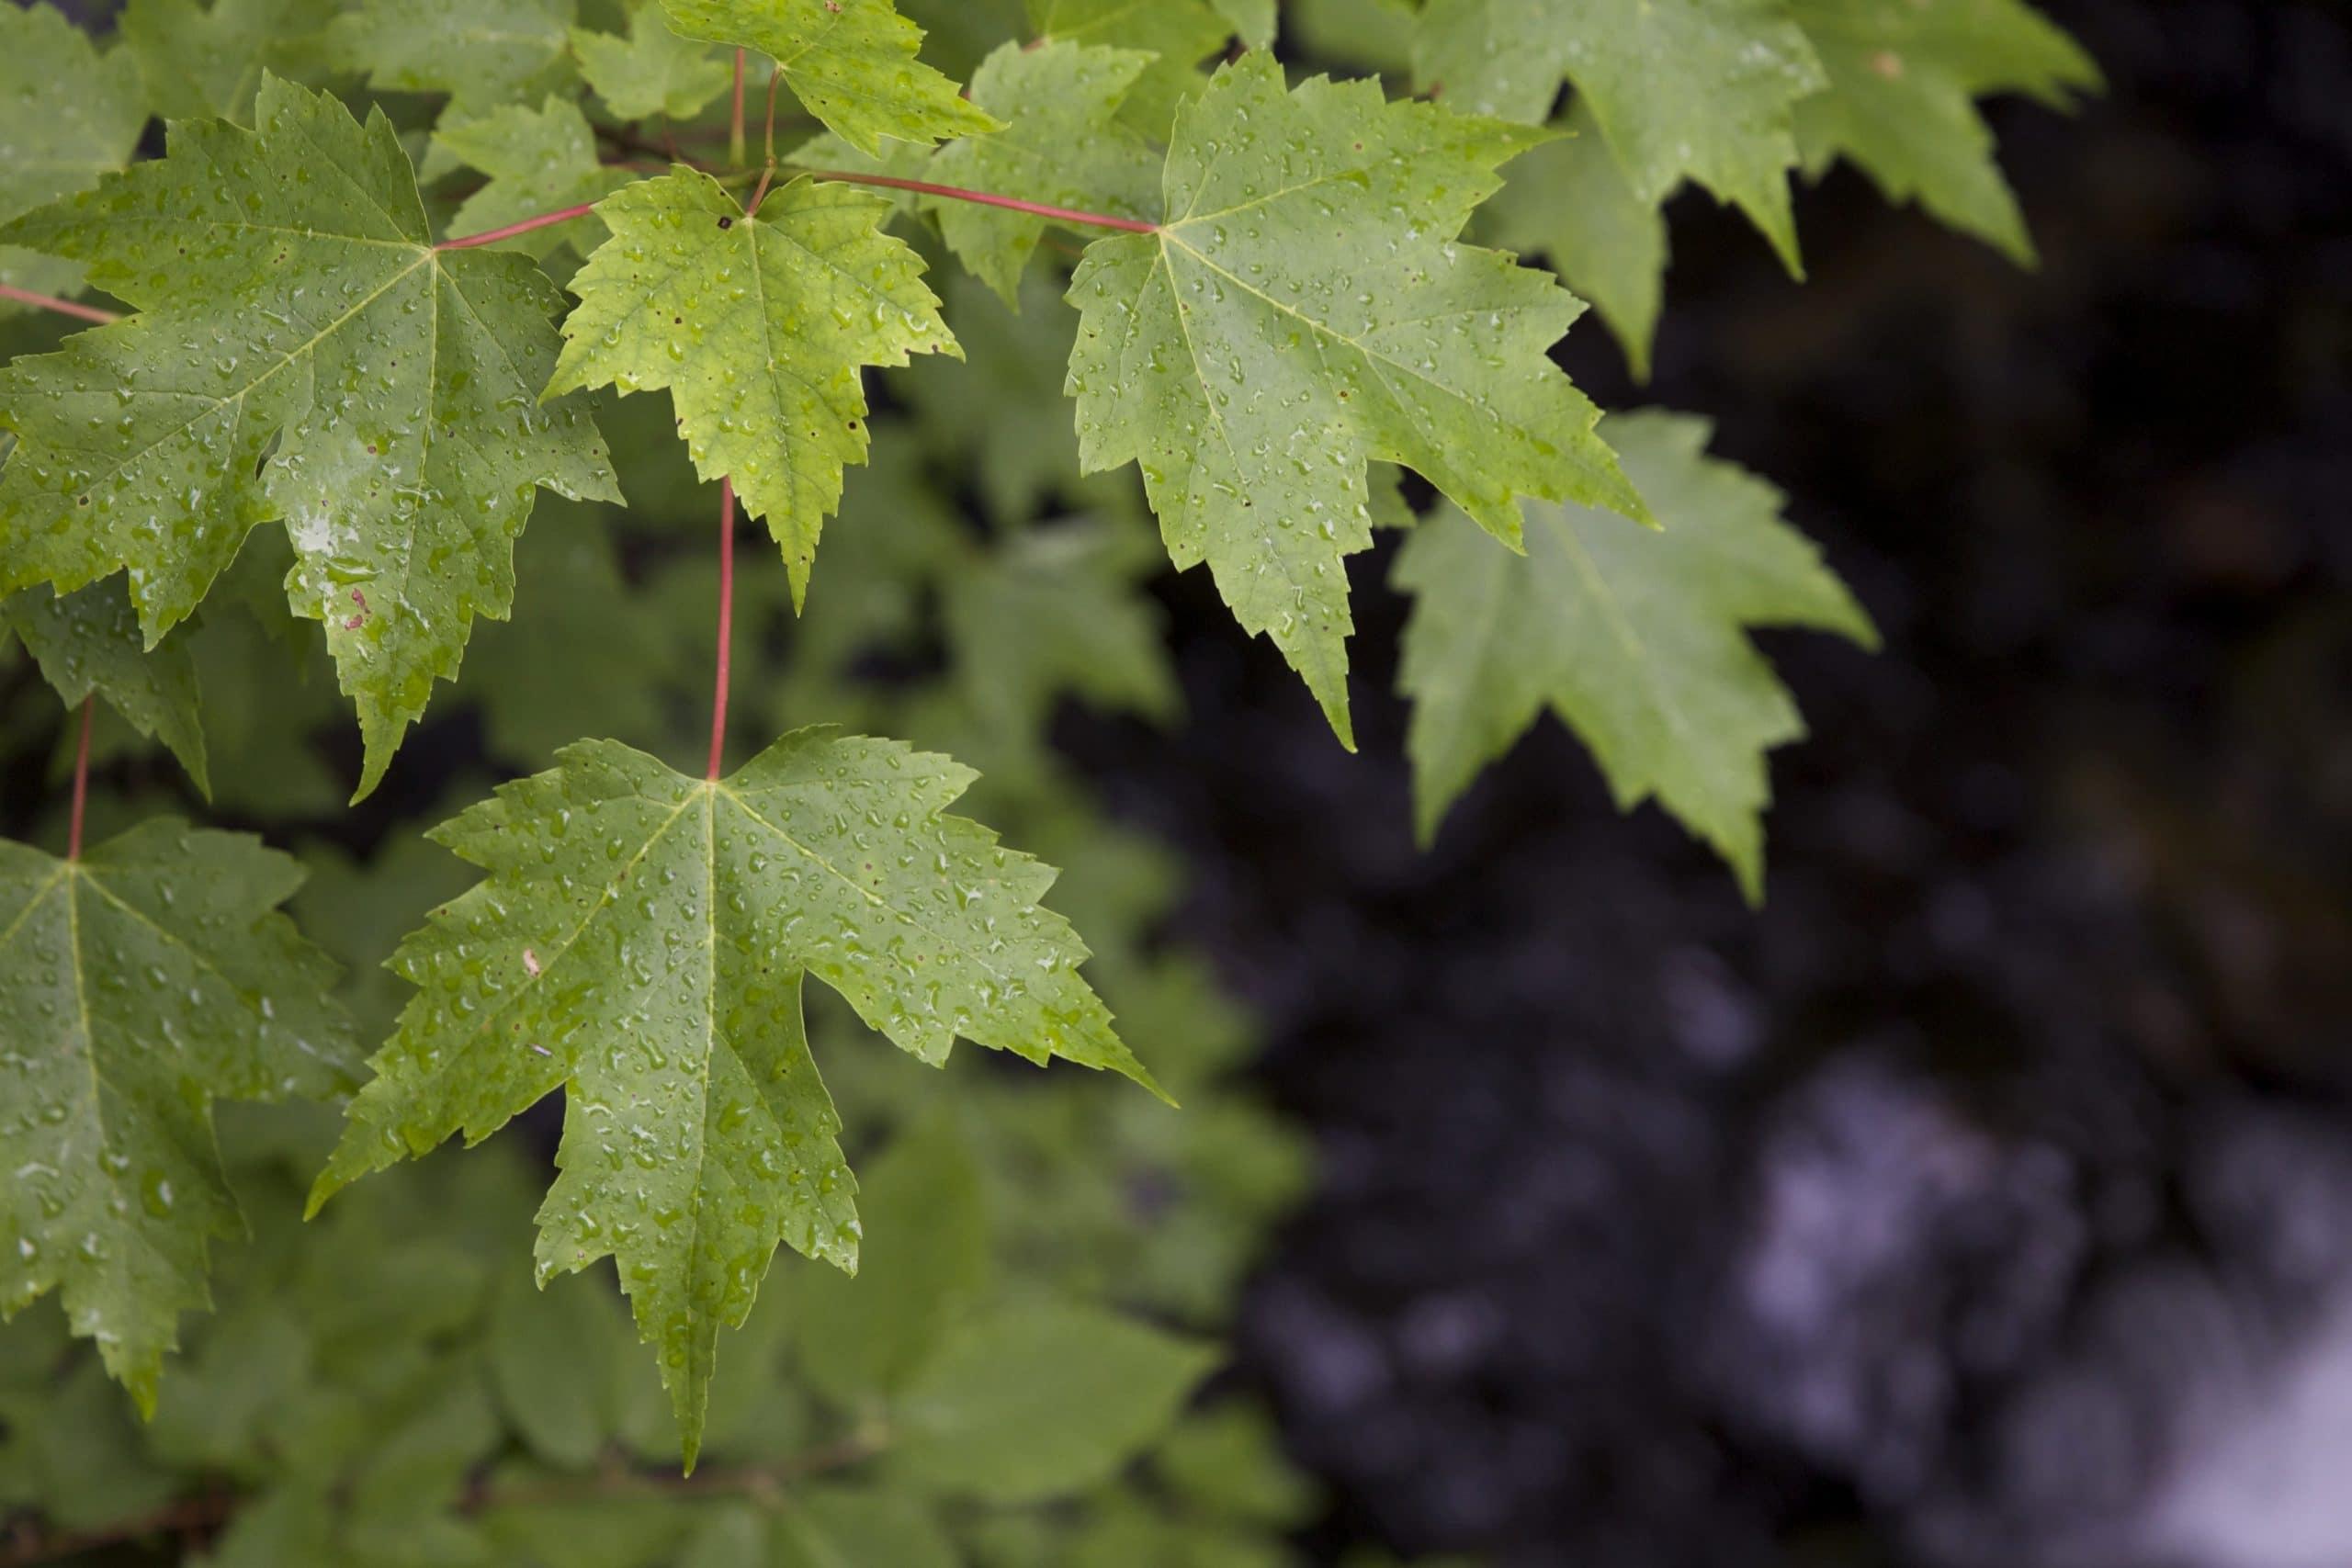 La lluvia puede traer problemas a las plantas